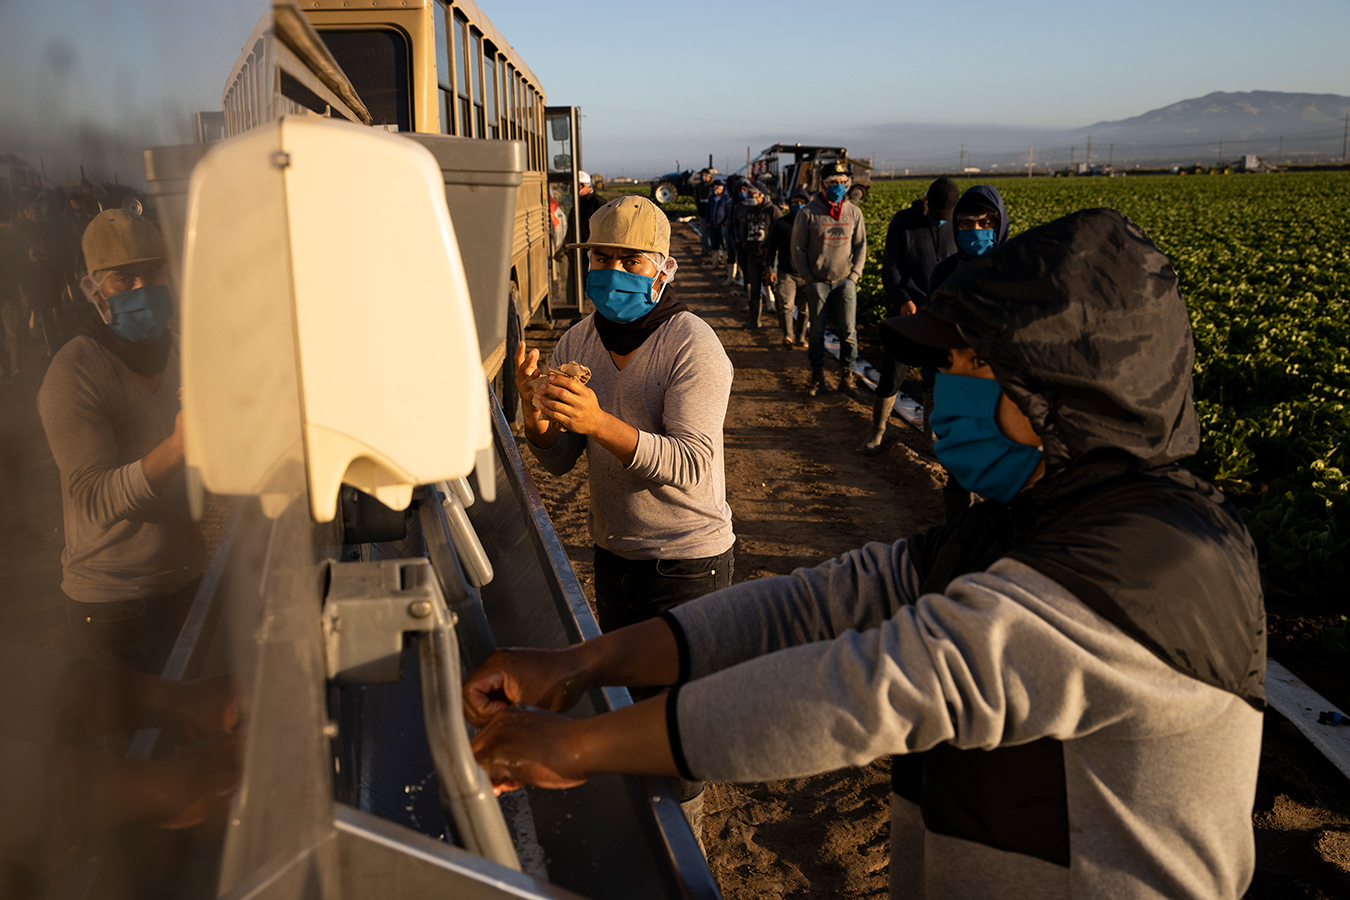 Trabajadores agrícolas en alto riesgo de contraer coronavirus y sin protección federal